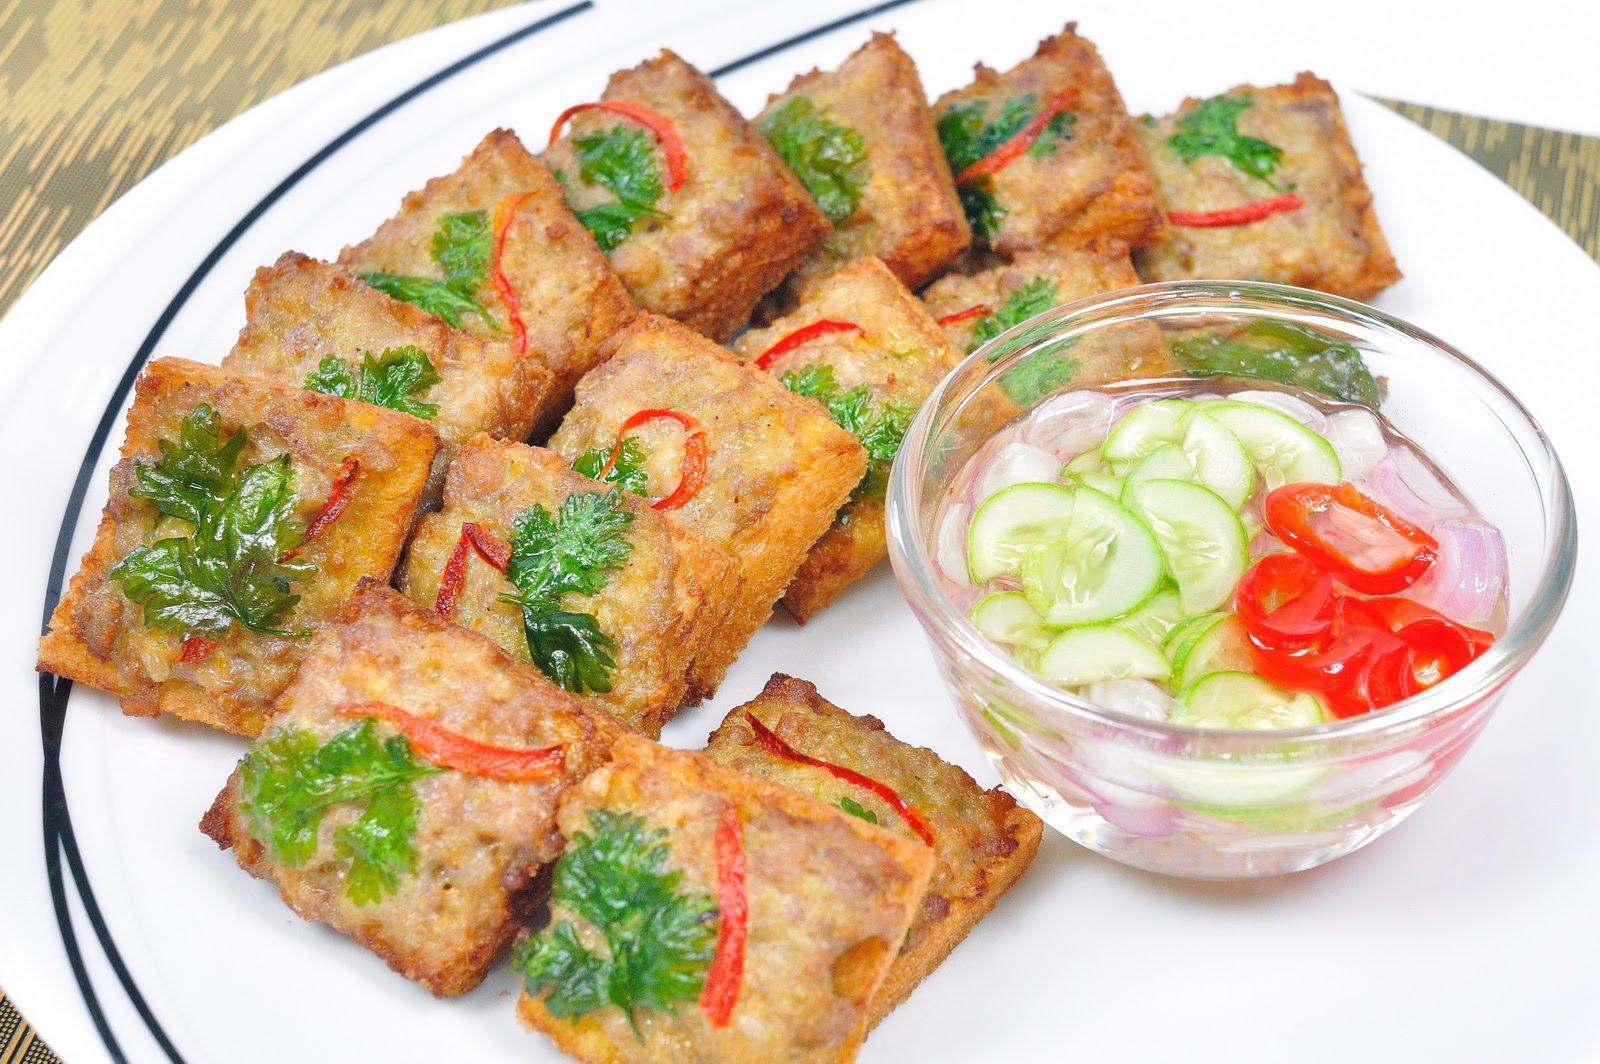 ขนมปังหน้าหมู สูตรกรอบอร่อยเหมือนร้านทำขาย | สูตรอาหารไทย